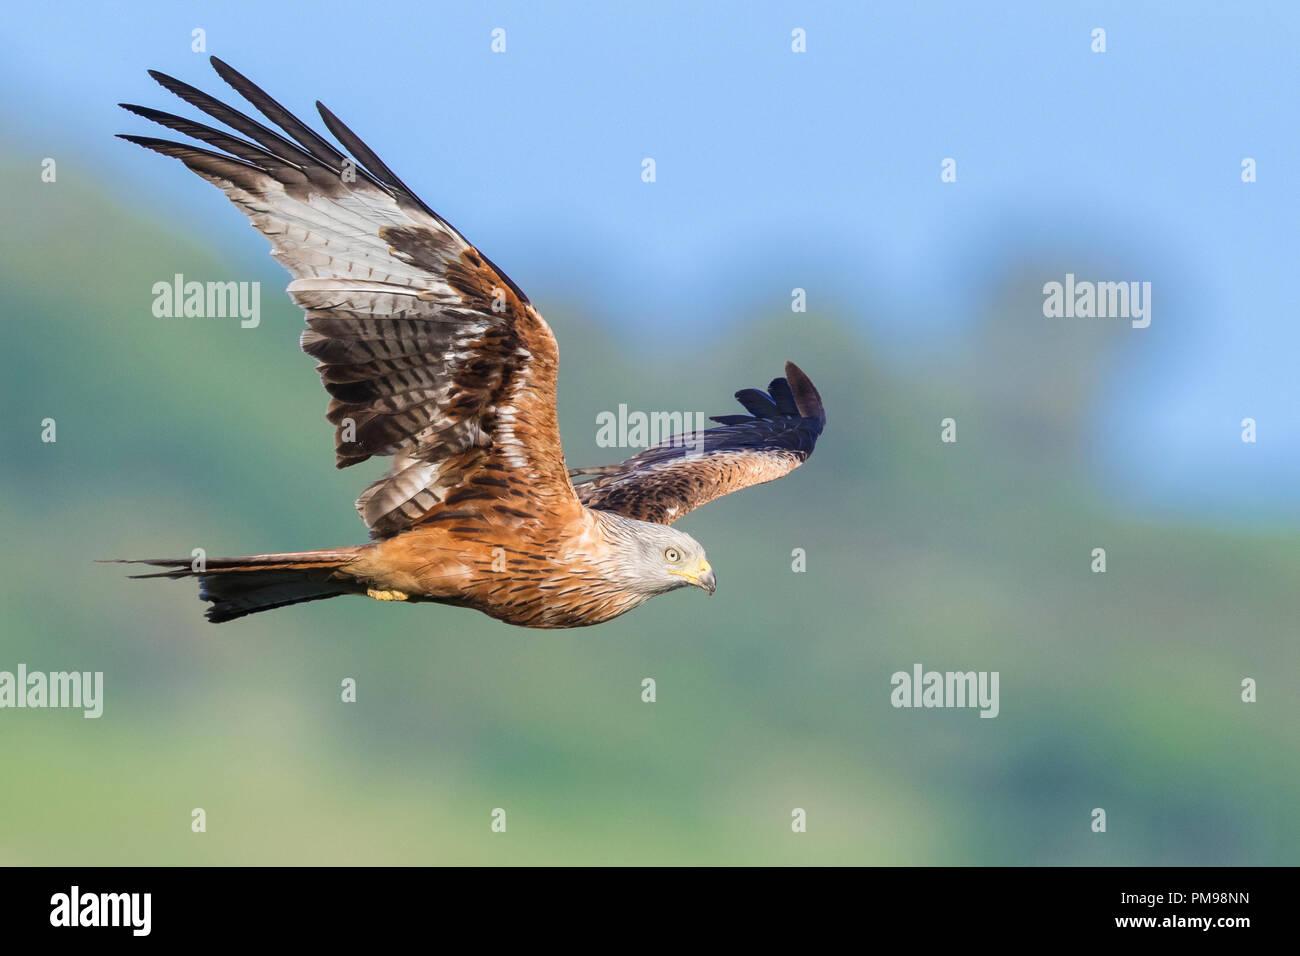 Red Kite (Milvus milvus), adult in flight - Stock Image